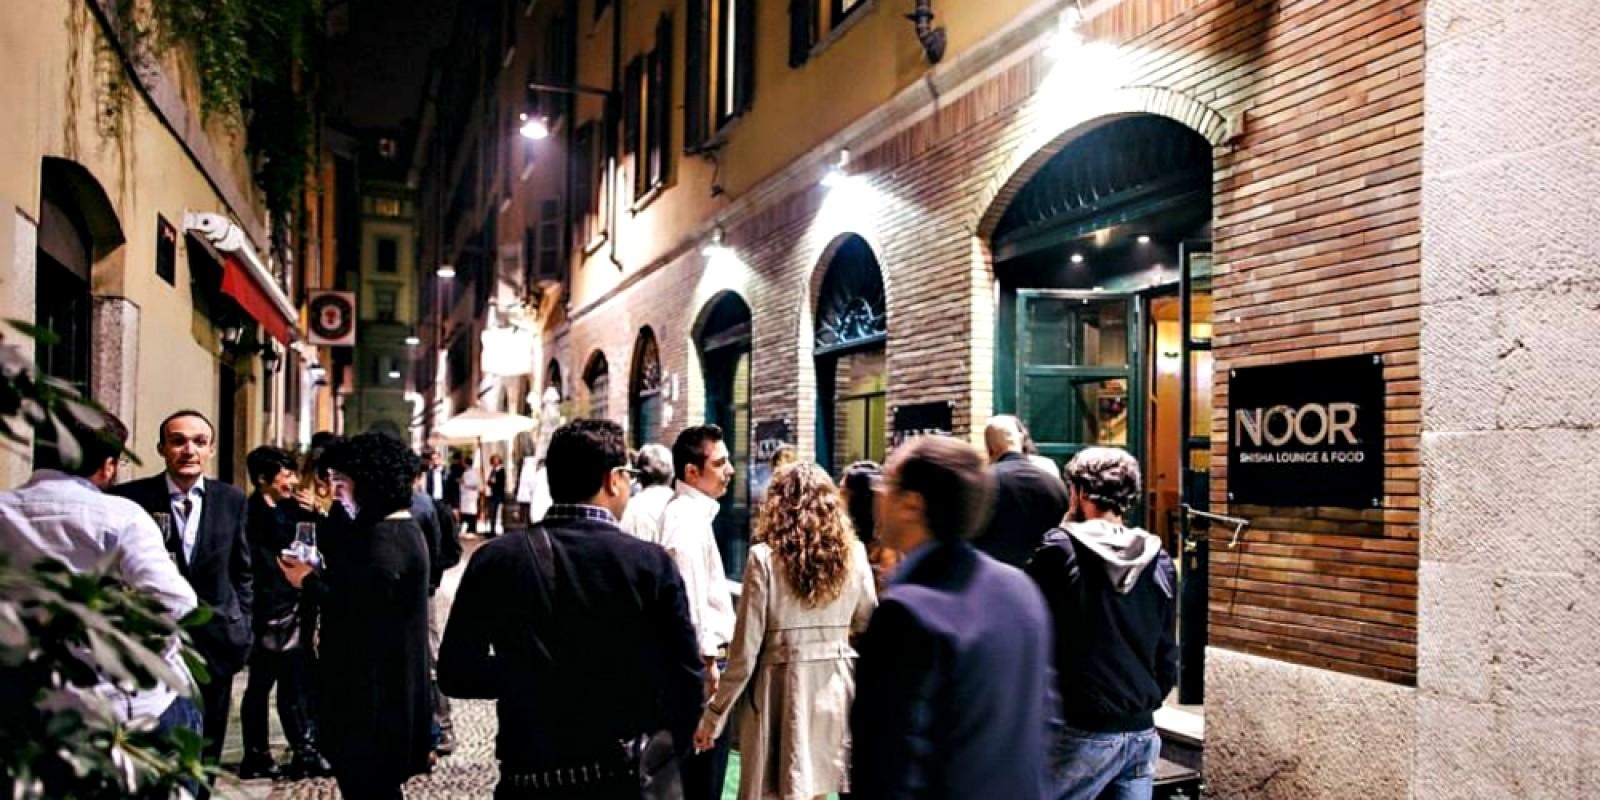 Appuntamento in zona brera 7 locali da conoscere dello for Belle arti milano brera